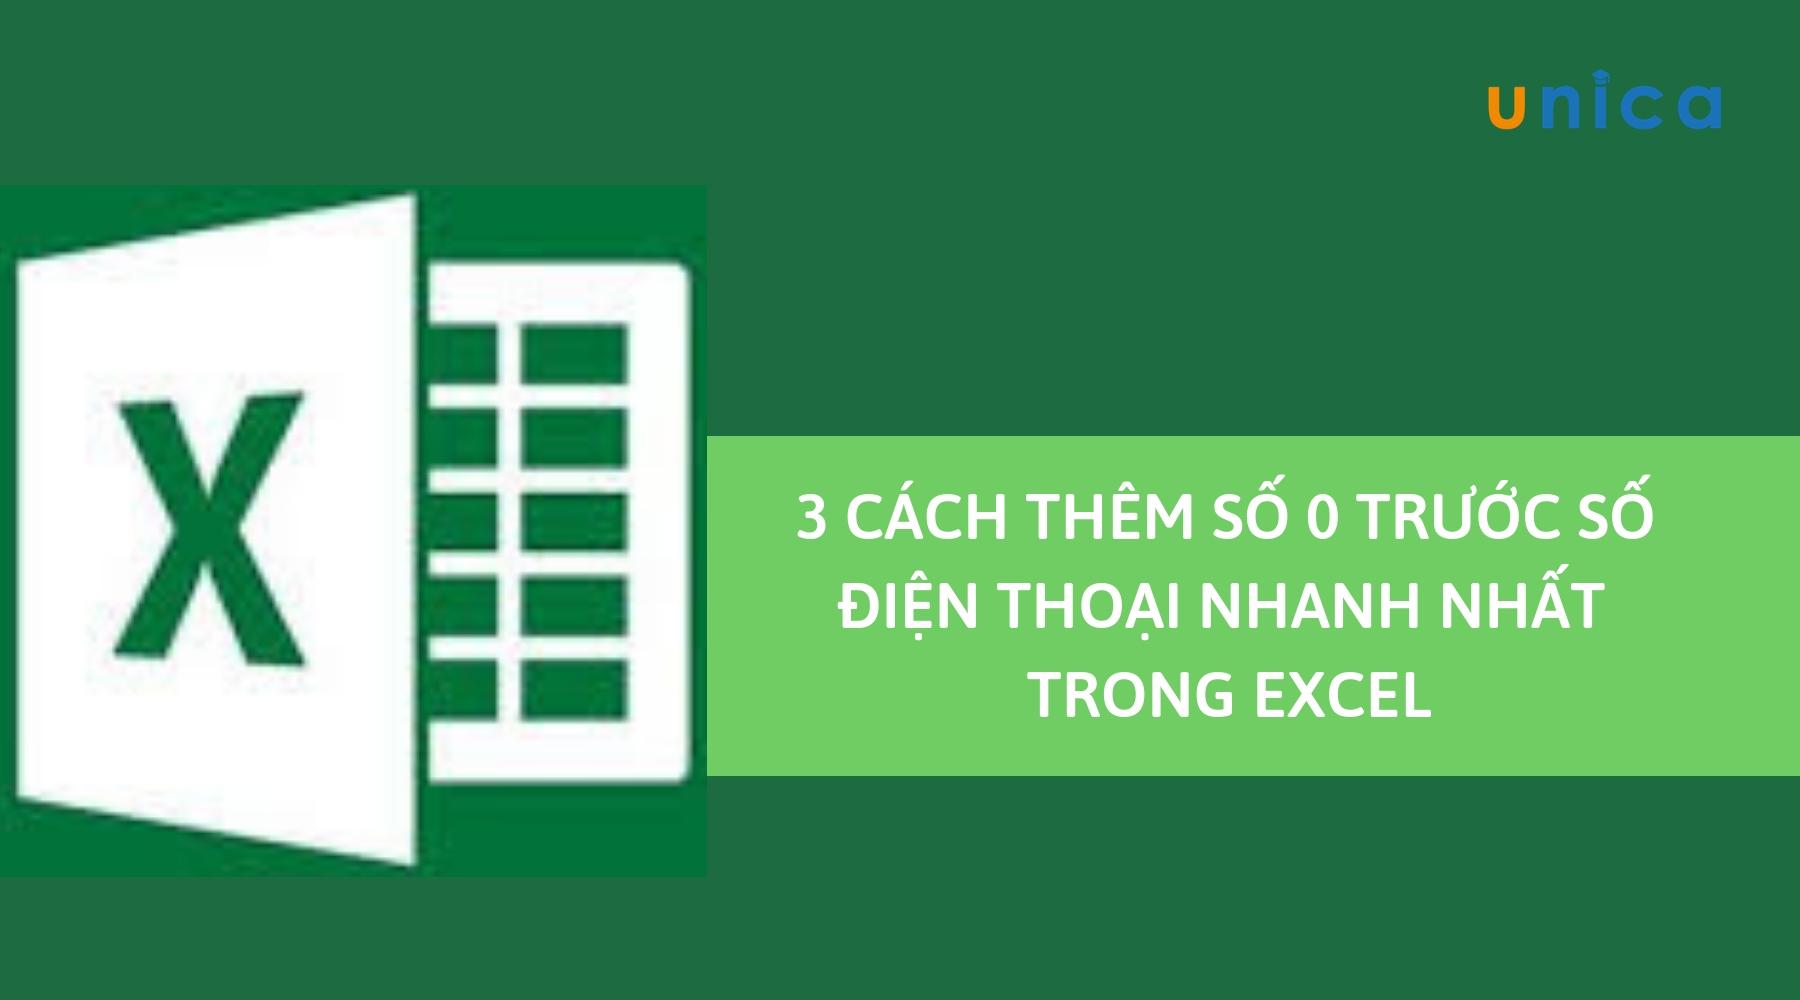 3 cách thêm số điện thoại nhanh nhất trong Excel mà bạn cần biết